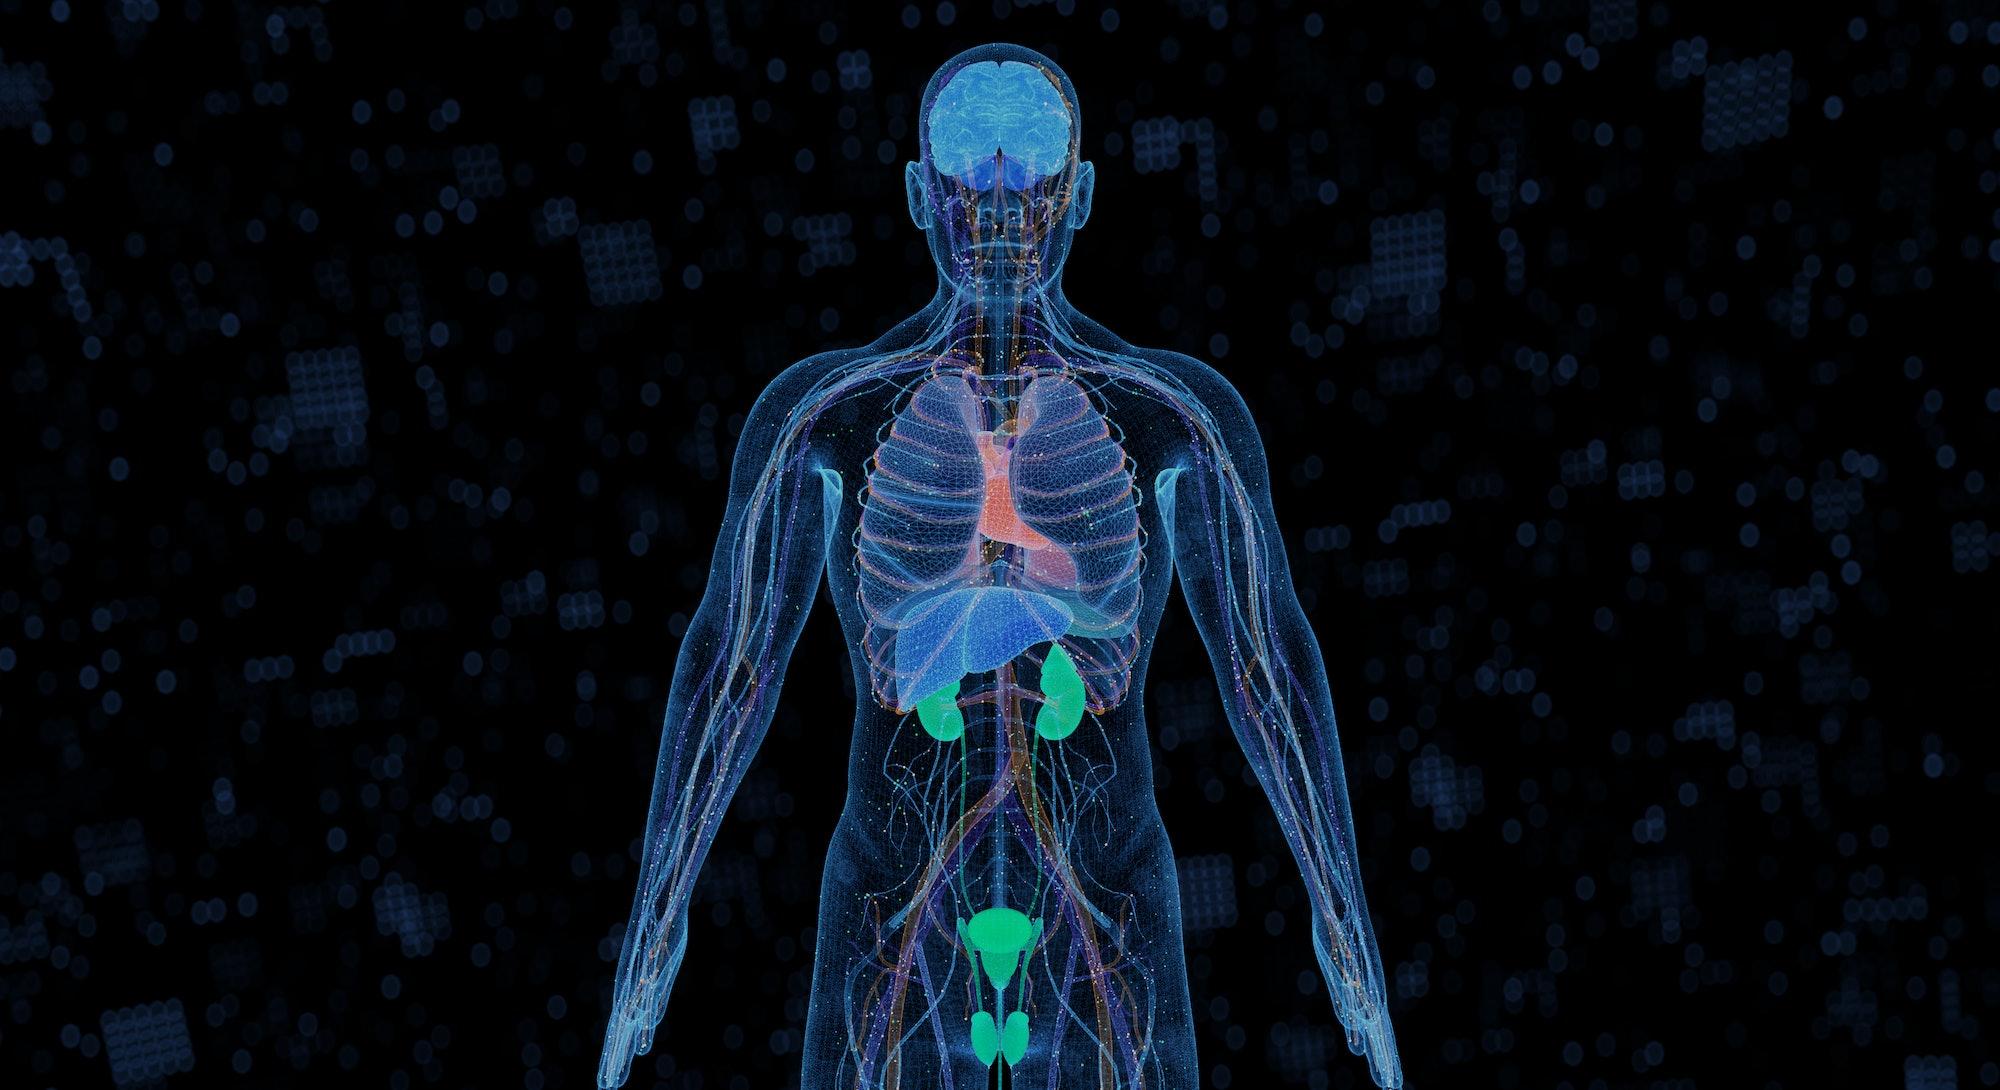 計算機生成的醫學概念